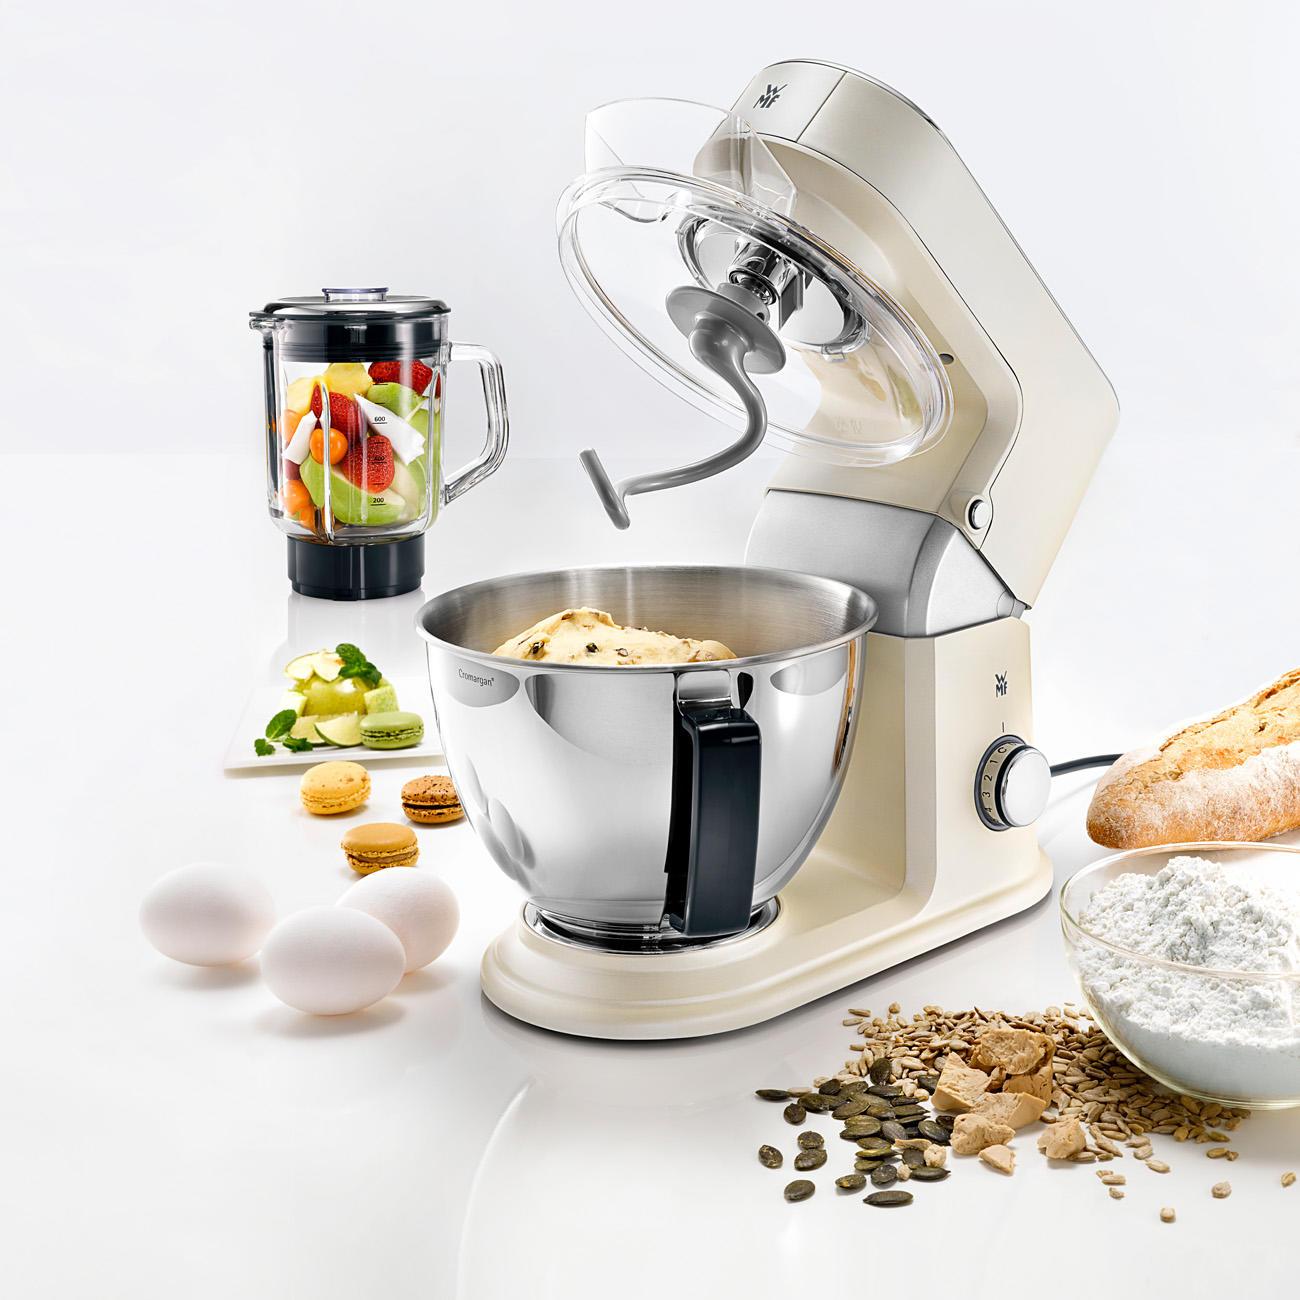 Acheter robot m nager wmf k chenminis en ligne pas cher - Robot cuisine professionnel ...